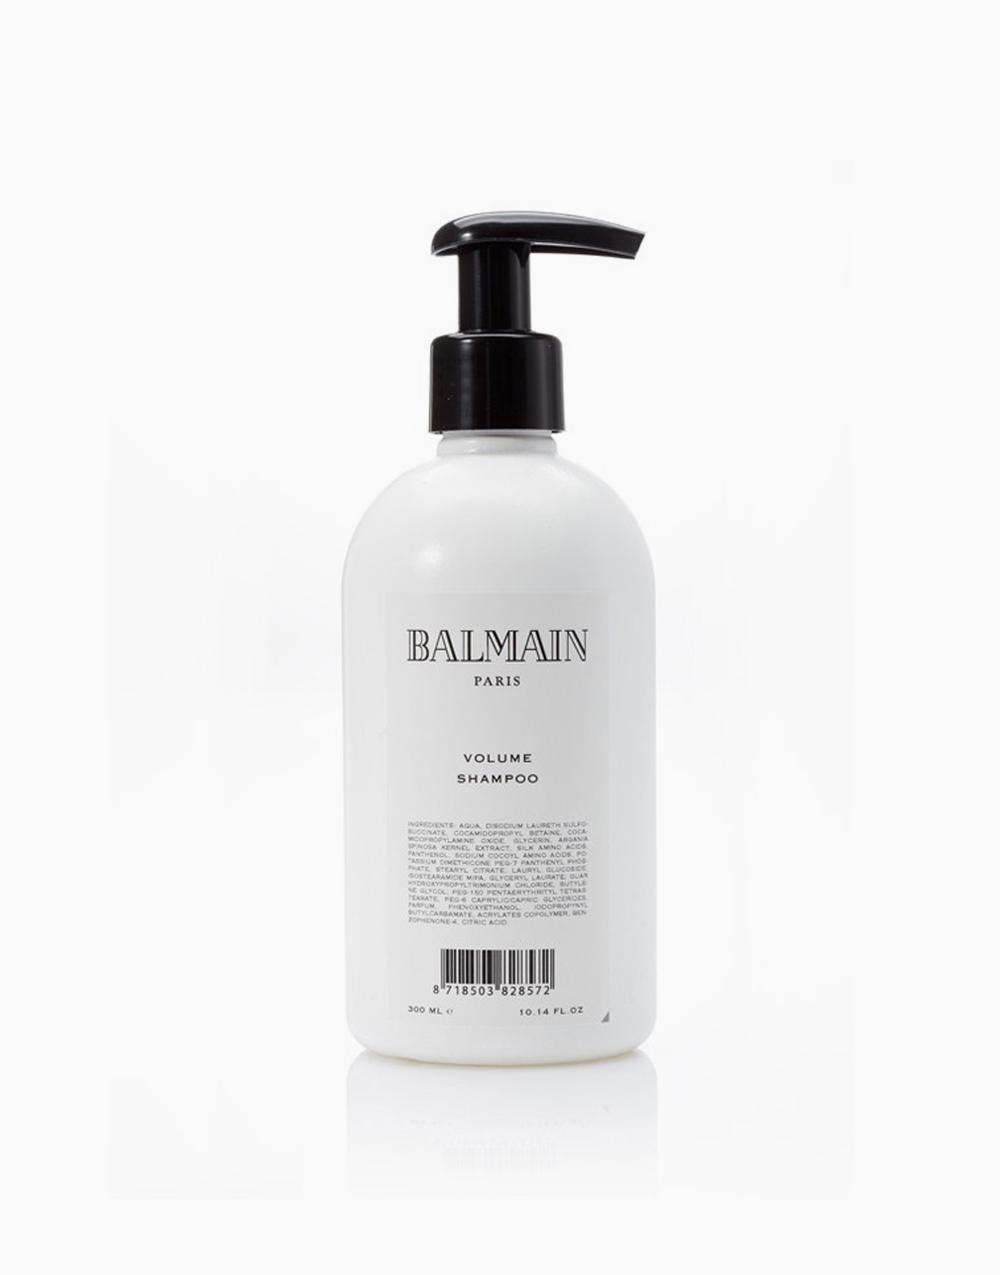 Volume Shampoo (300ml) by Balmain Hair Couture